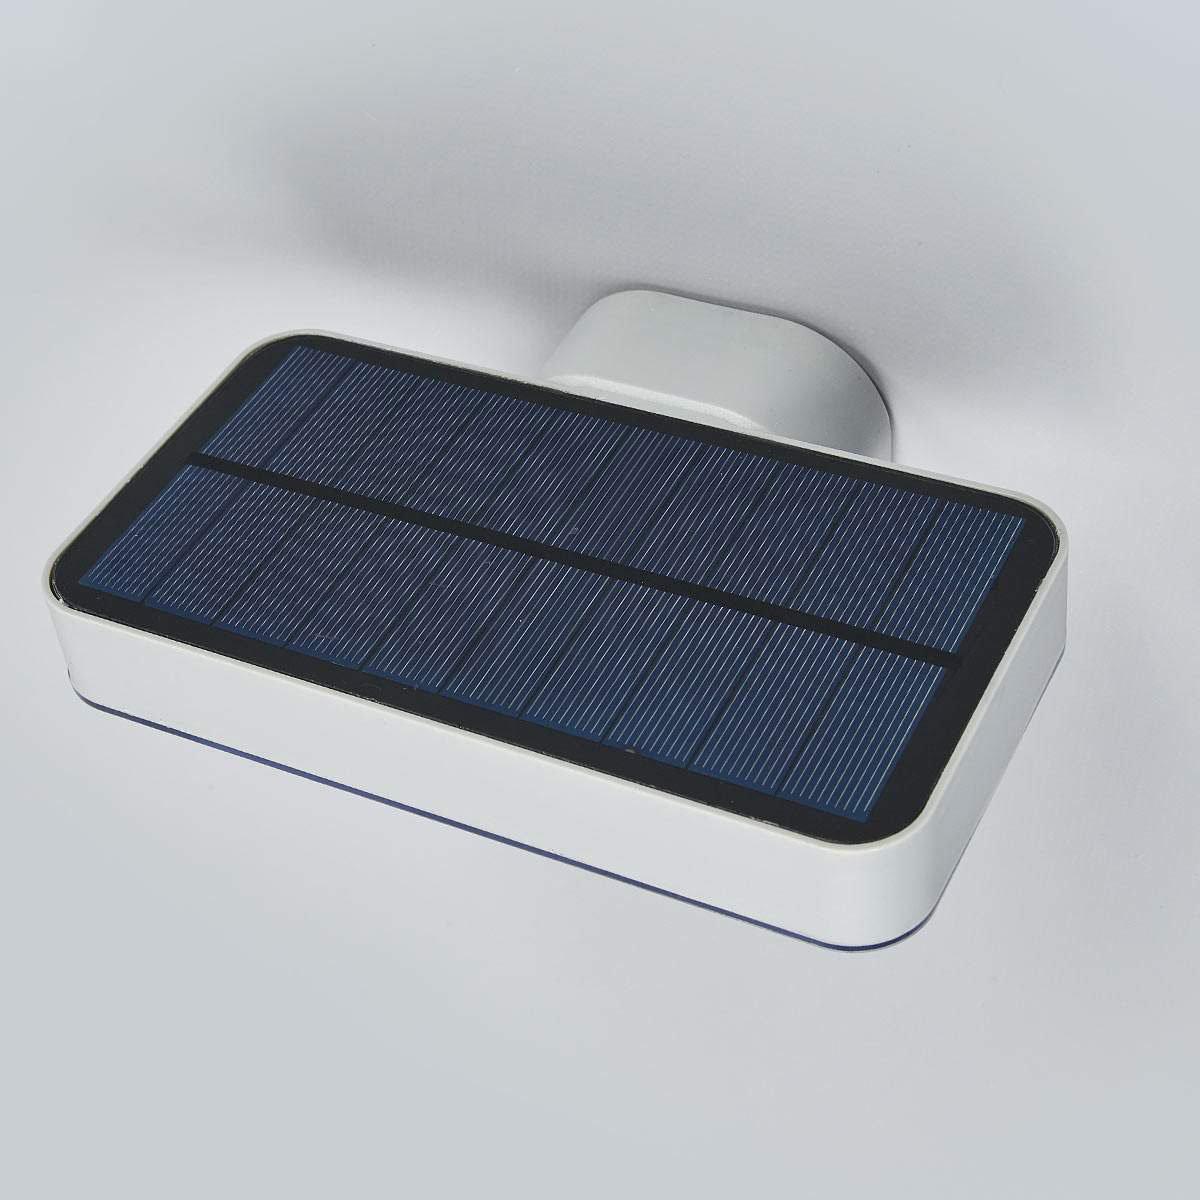 Solar-Außenwandlampe Maik mit Bewegungsmelder, 12x18x12,7 cm, Kunststoff, grau | #5